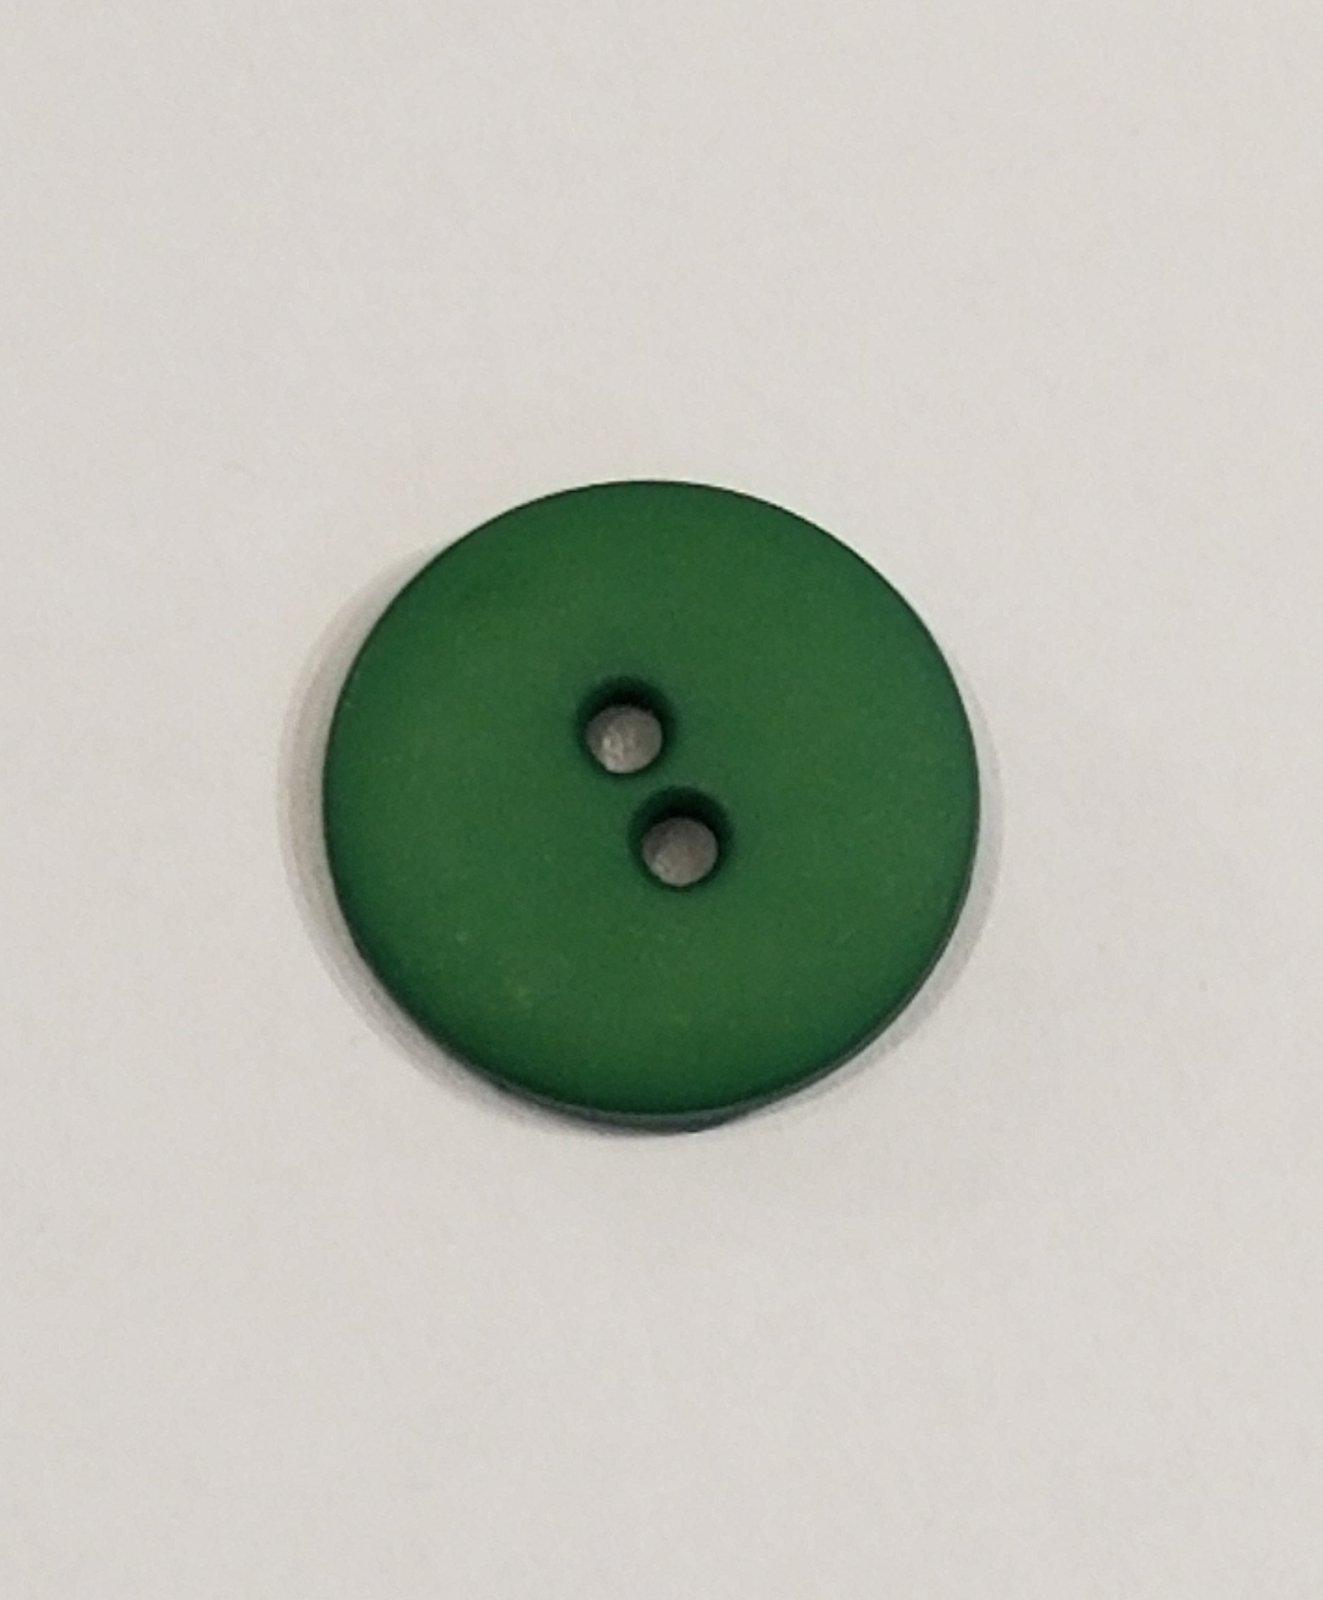 Buttons 20mm 2 hole Dk Green